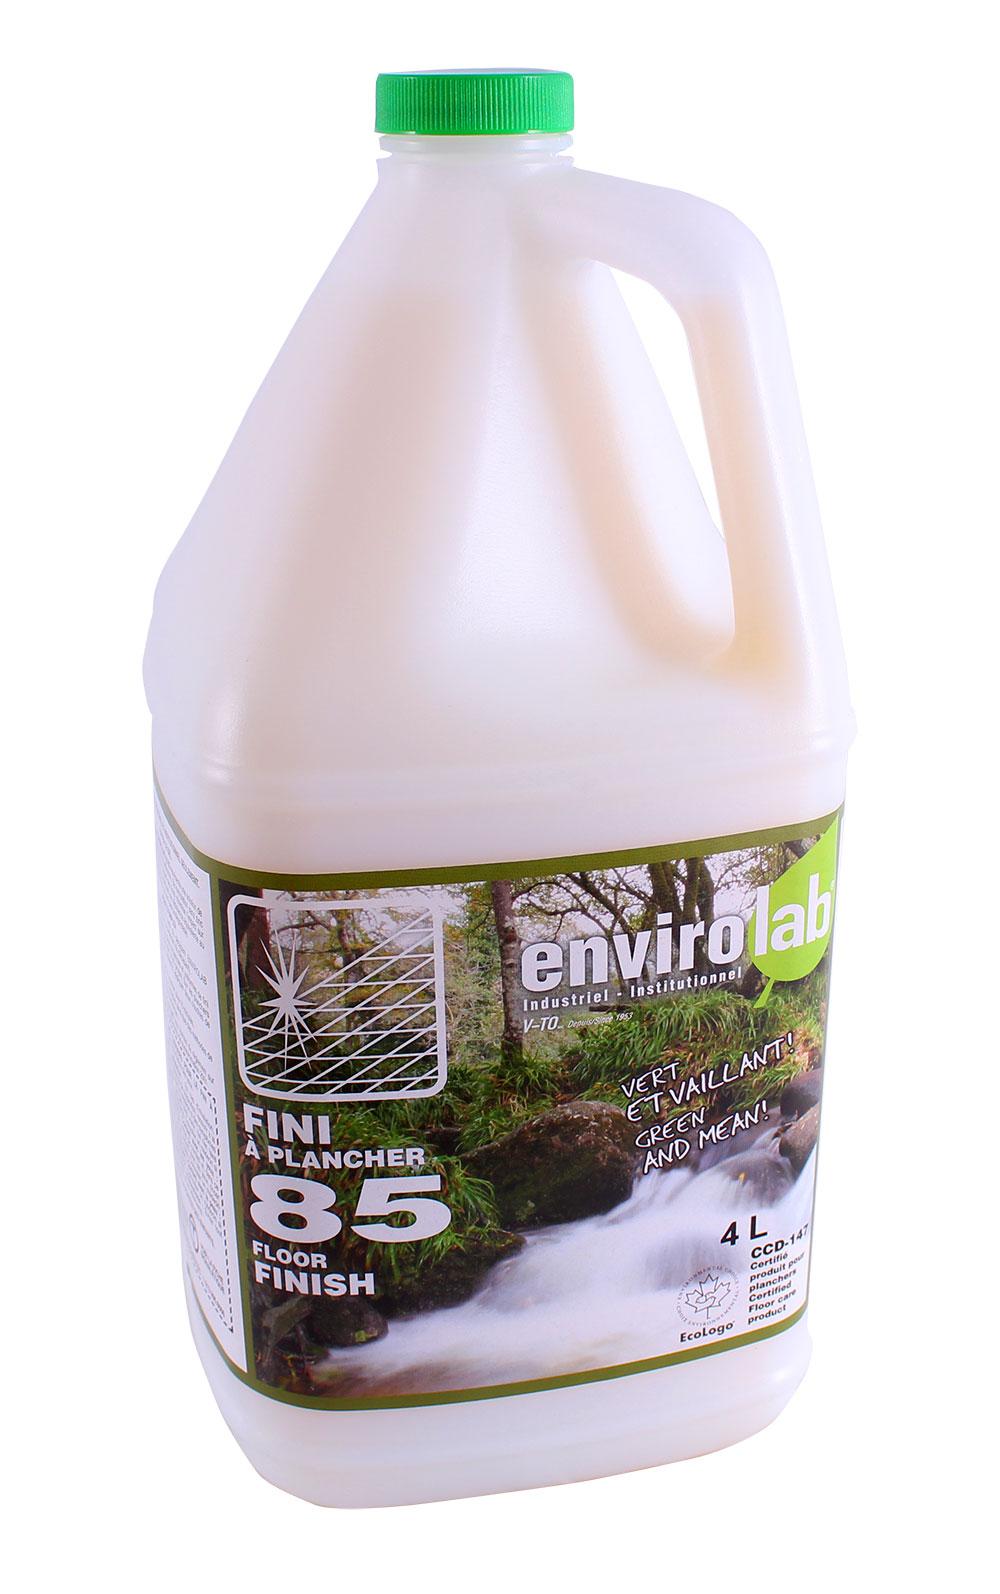 Envirolab 85 – Fini à plancher écologique (Conc. 25%), biodégradable